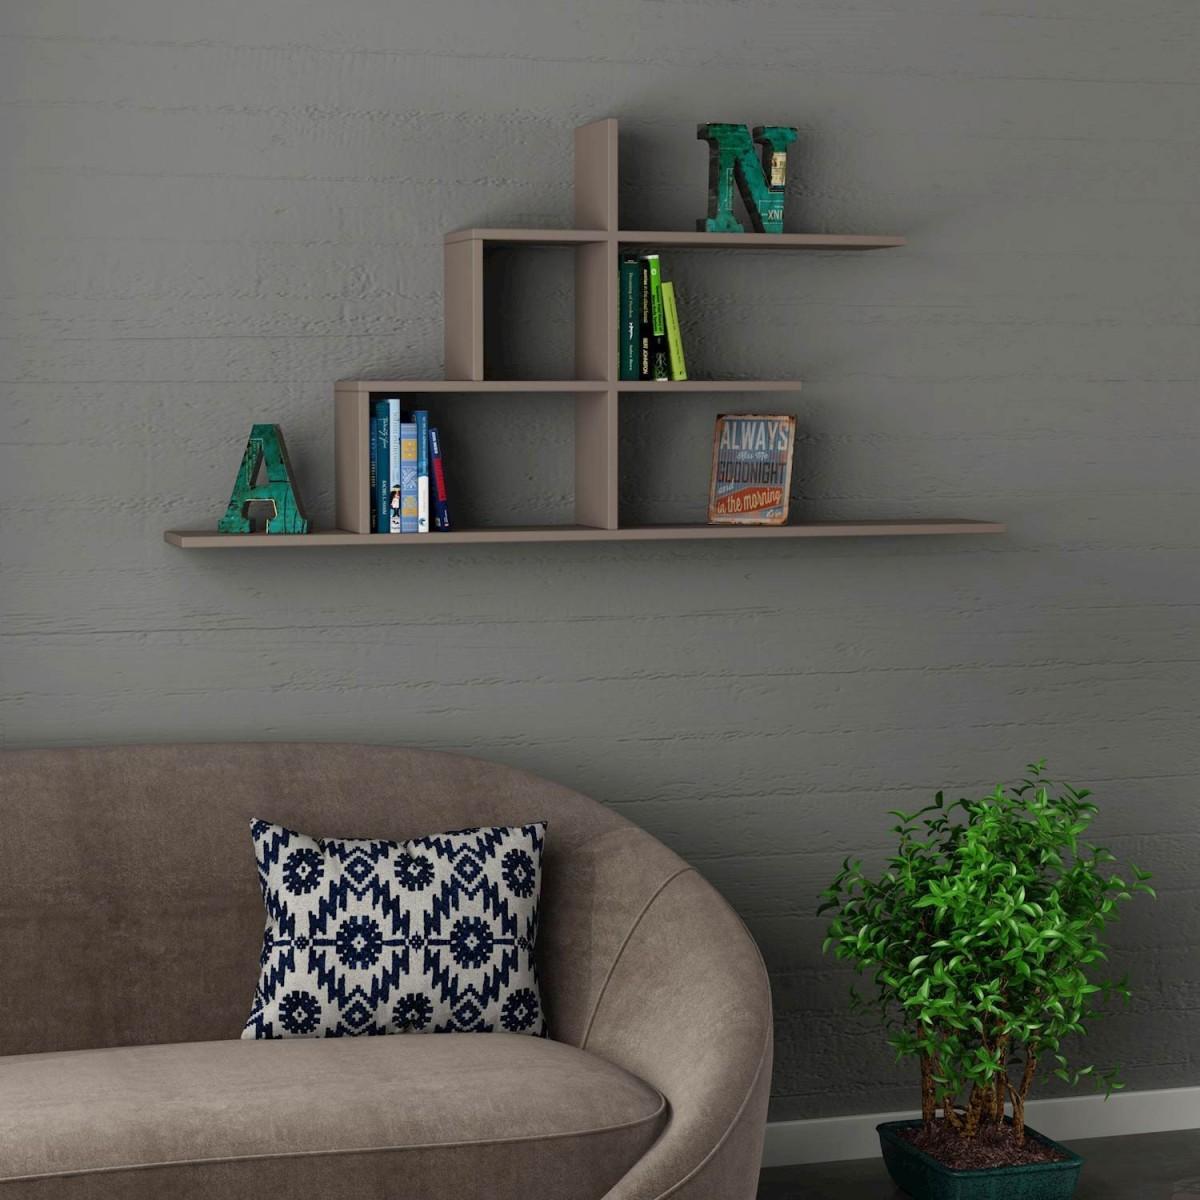 Akinori libreria sospesa da parete per soggiorno 150 x 75 cm for Parete da soggiorno